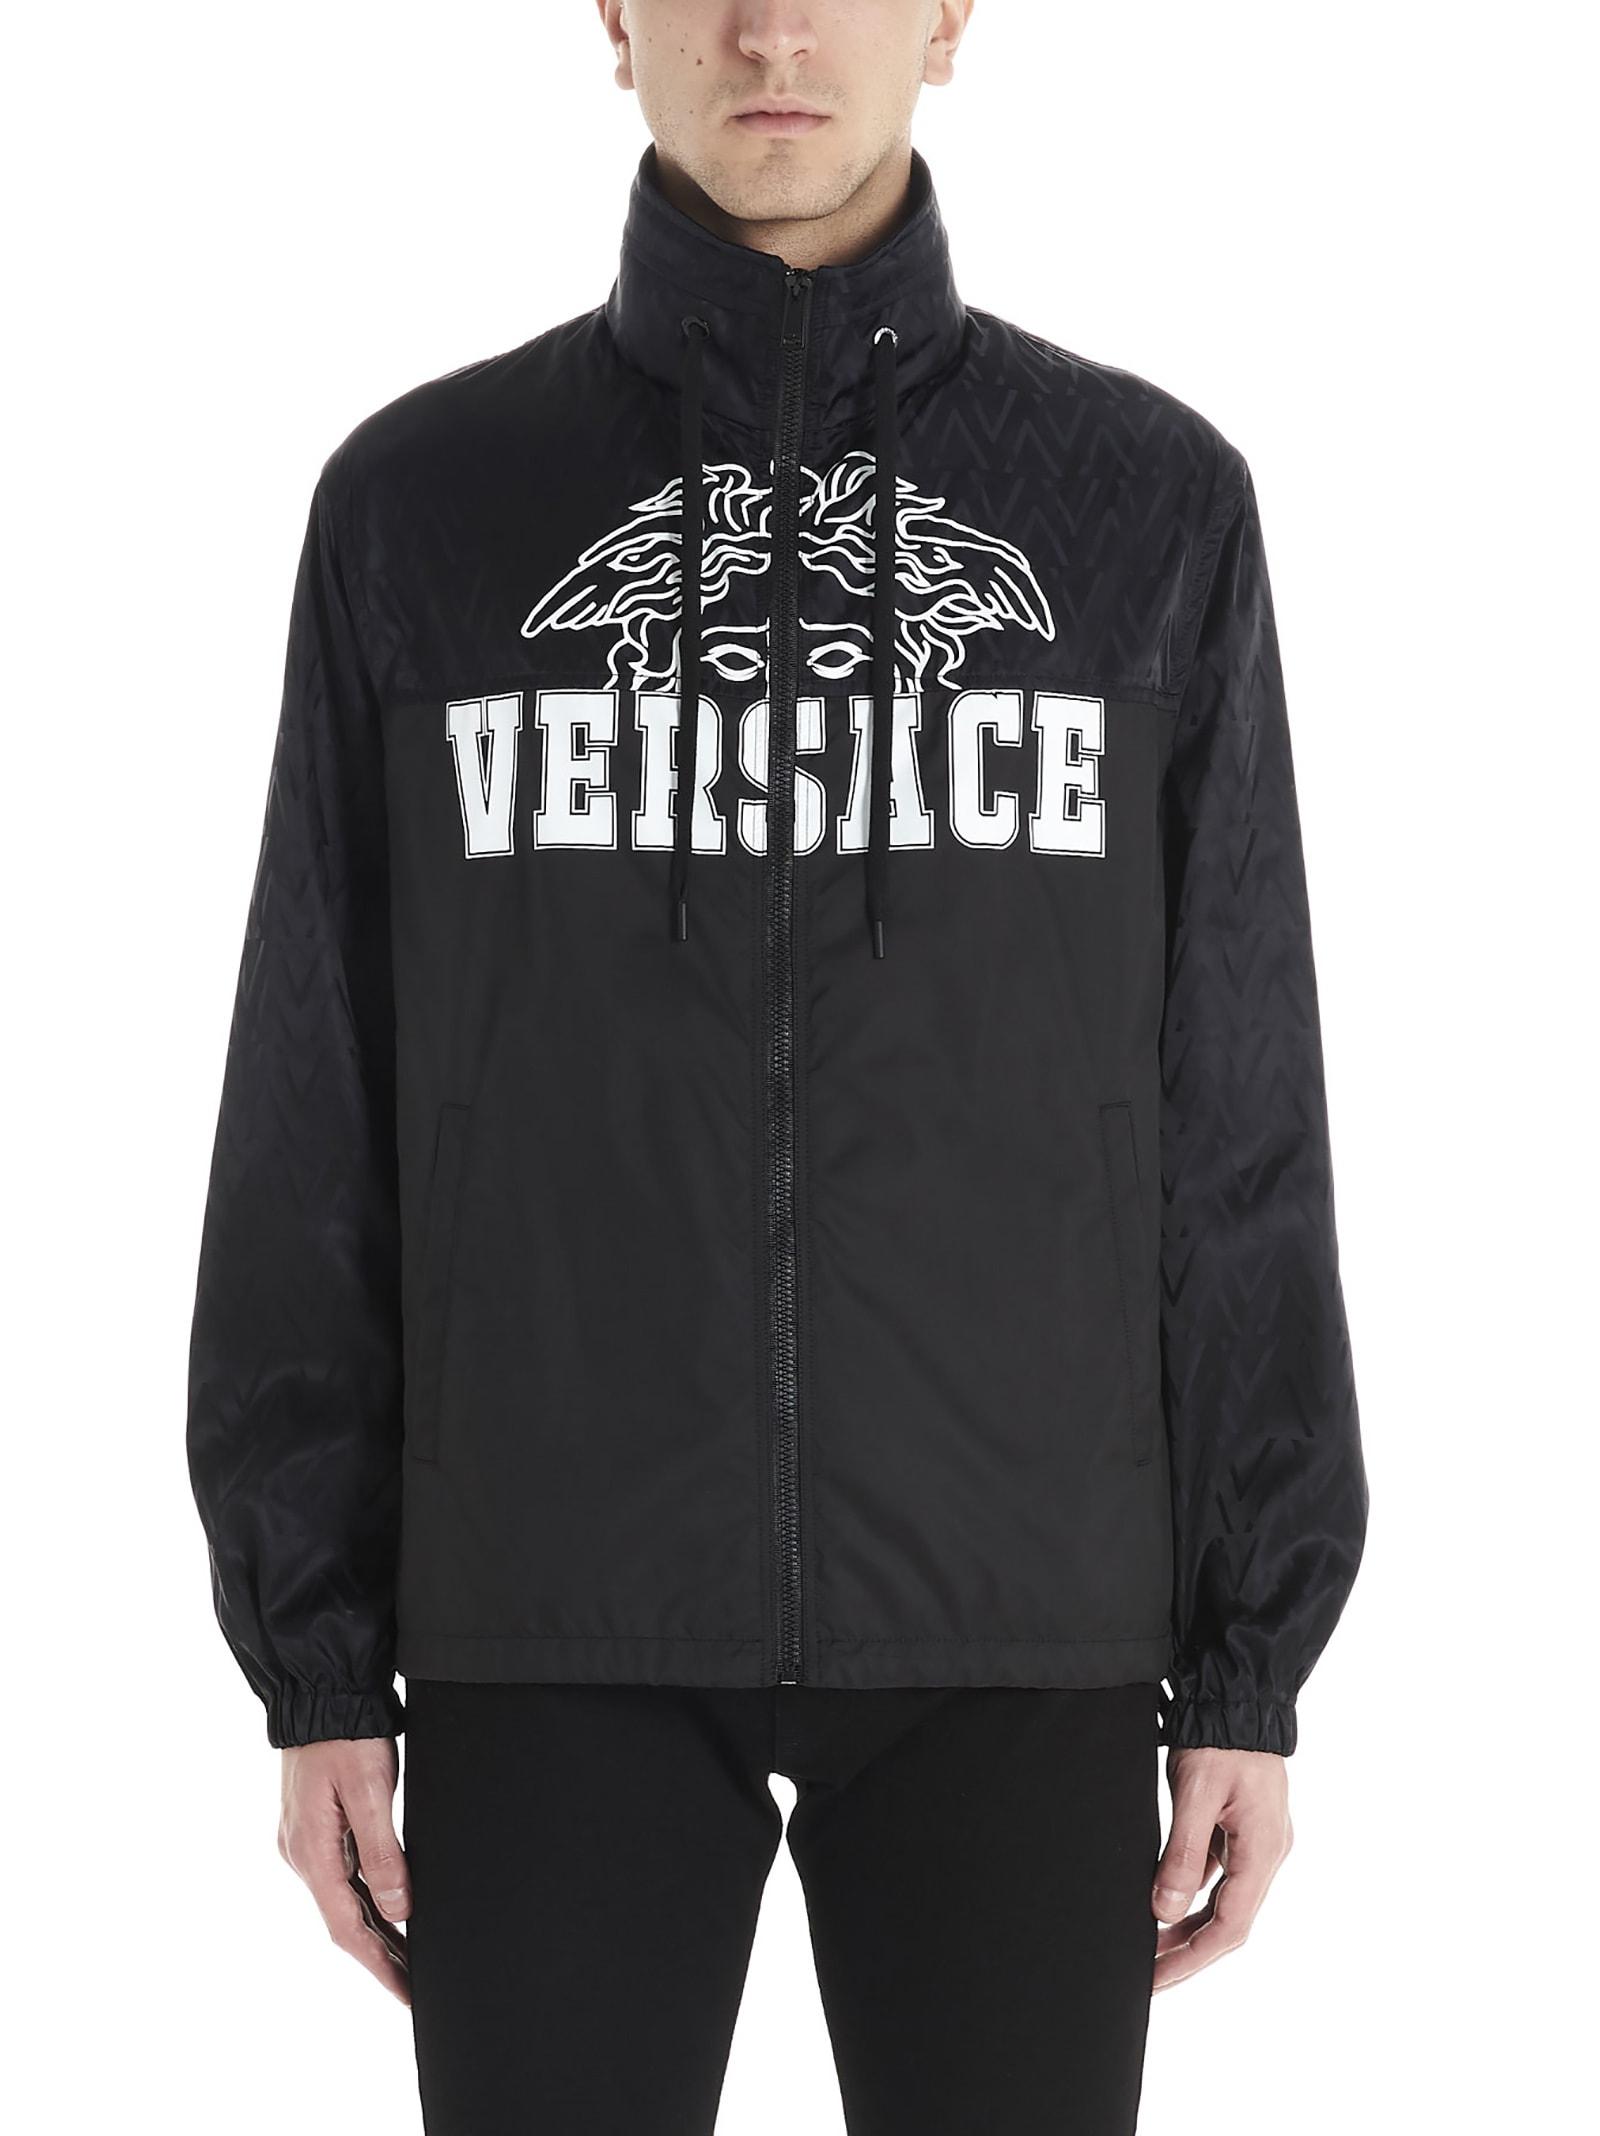 Versace versace Compilation K-way